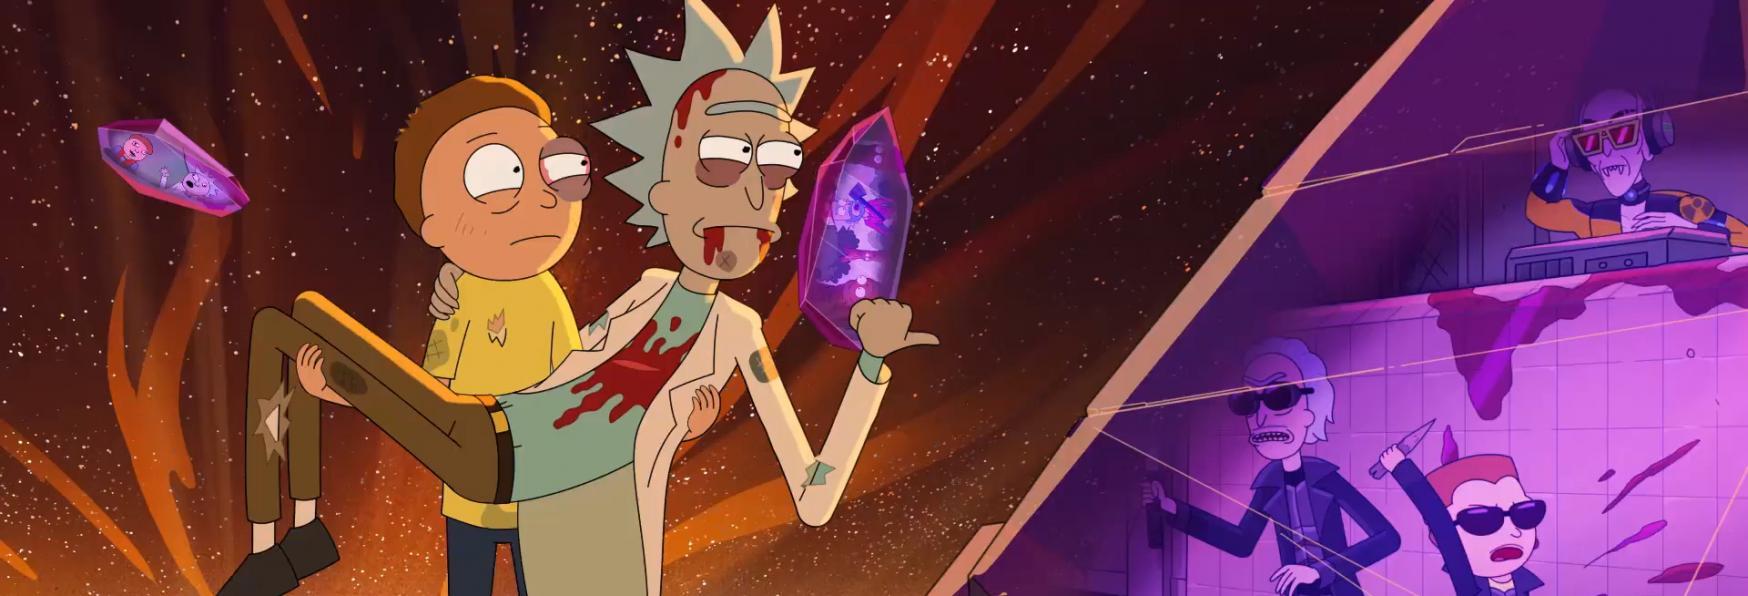 Rick and Morty 5: inizia il Countdown per il Debutto della nuova Stagione!